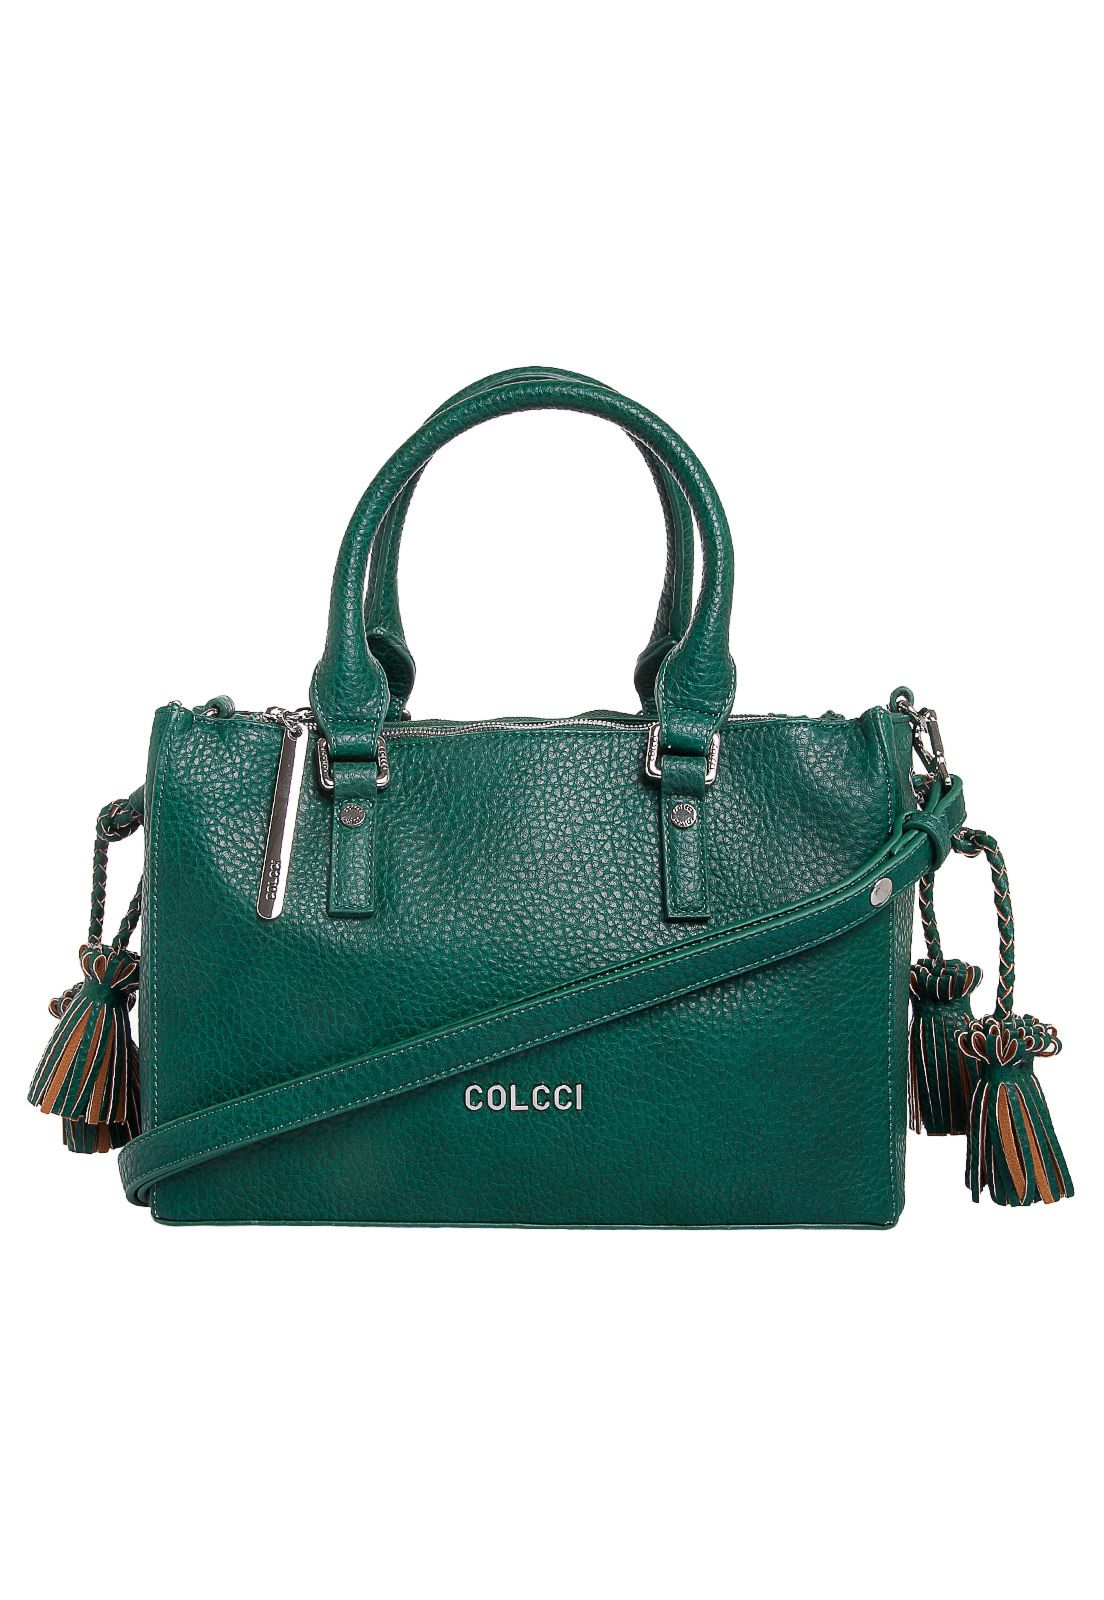 60e563eaa Bolsa Colcci Verde | Bags & Shoes | Bags, Fashion bags e Beautiful bags